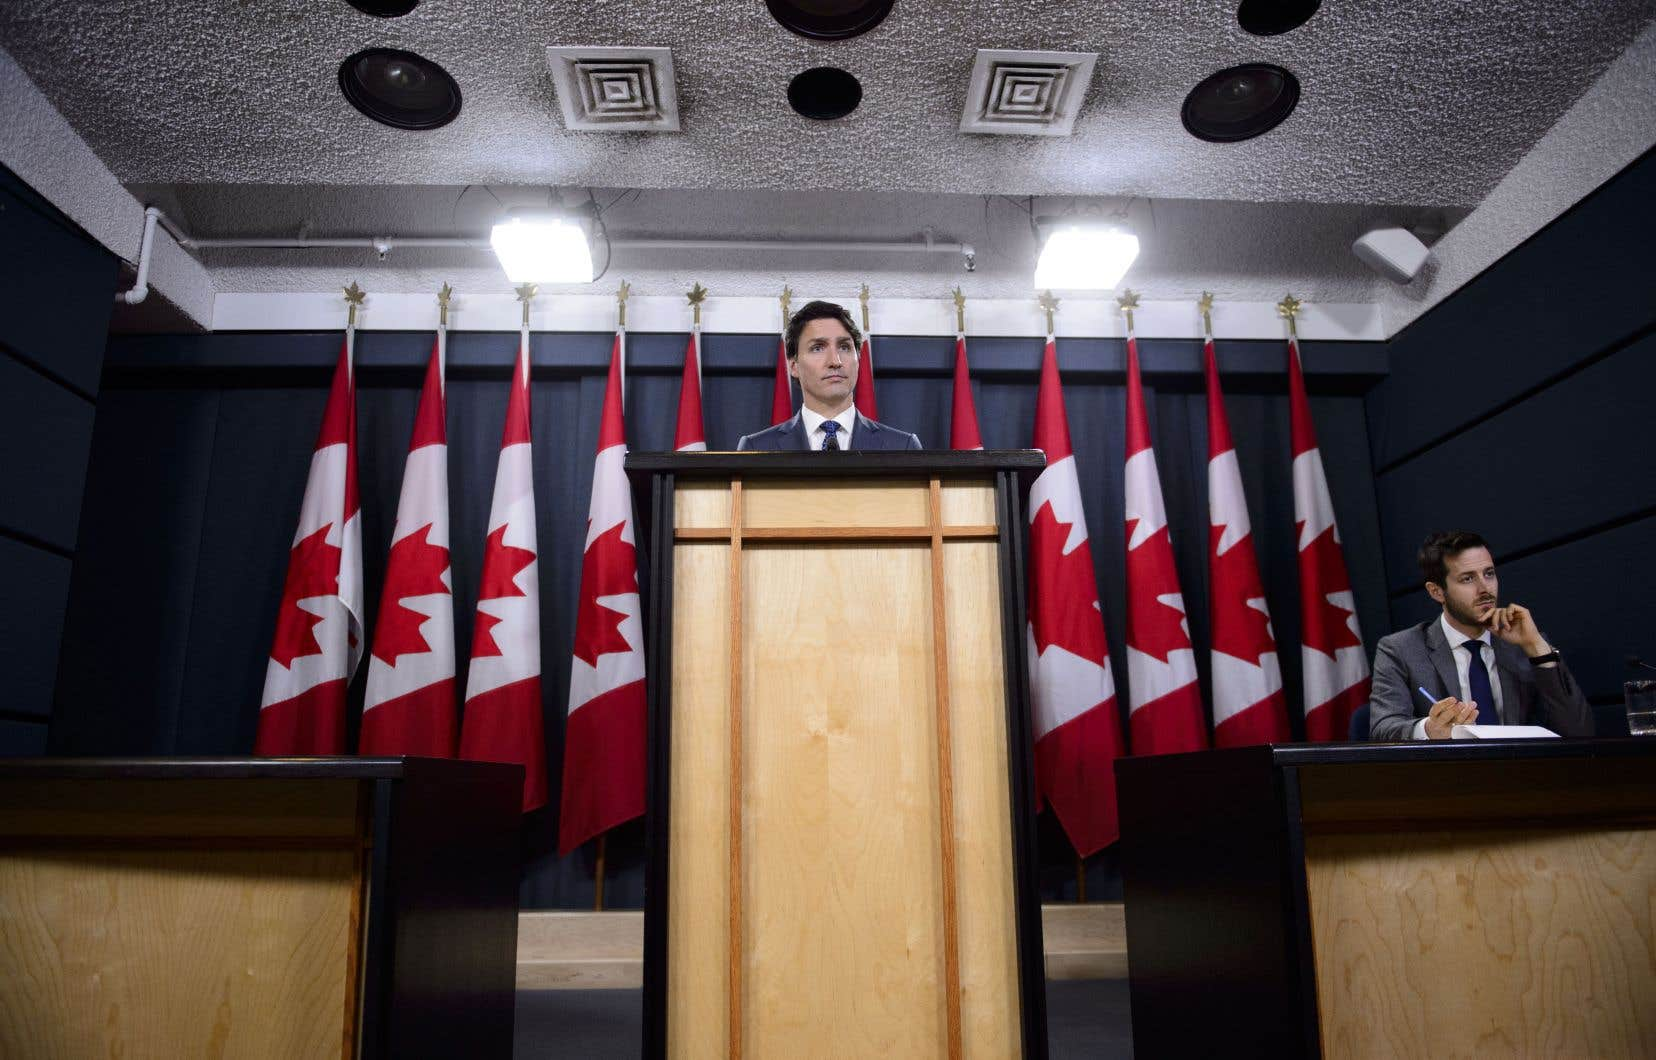 Dans les médias américains comme dans les médias européens, la perception selon laquelle Justin Trudeau a protégé le géant SNC-Lavalin, empêtré dans la corruption, a fait mal à sa réputation.